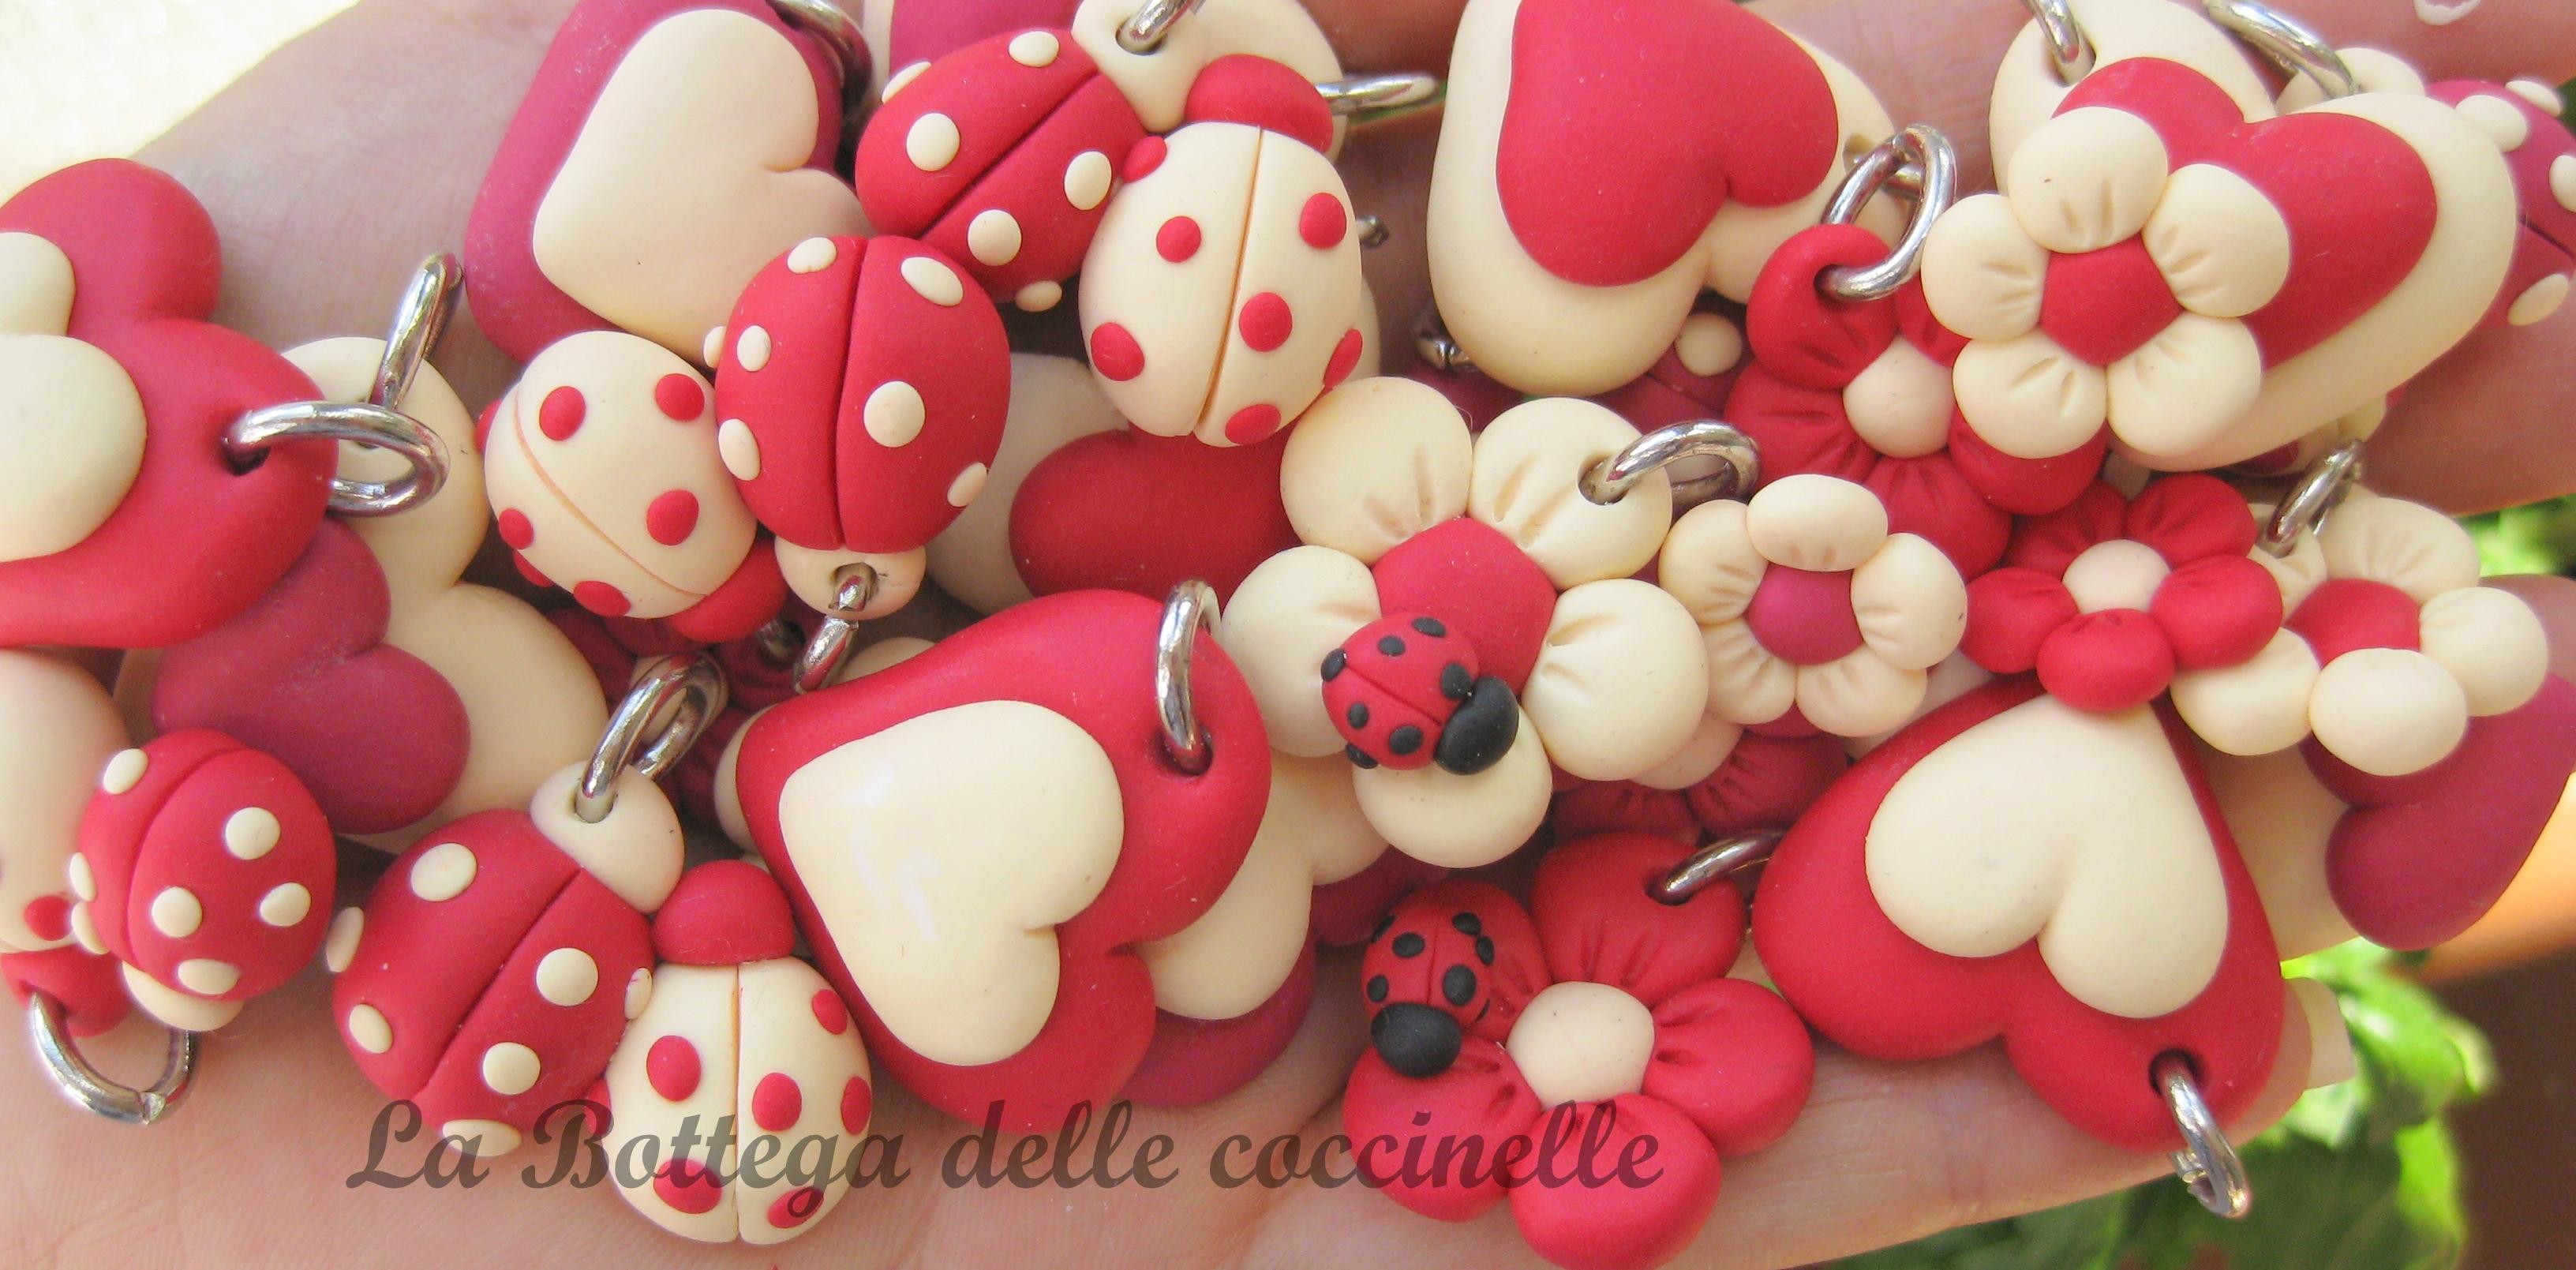 Ben noto bomboniere per matrimonio originali - La bottega delle coccinelle BC07